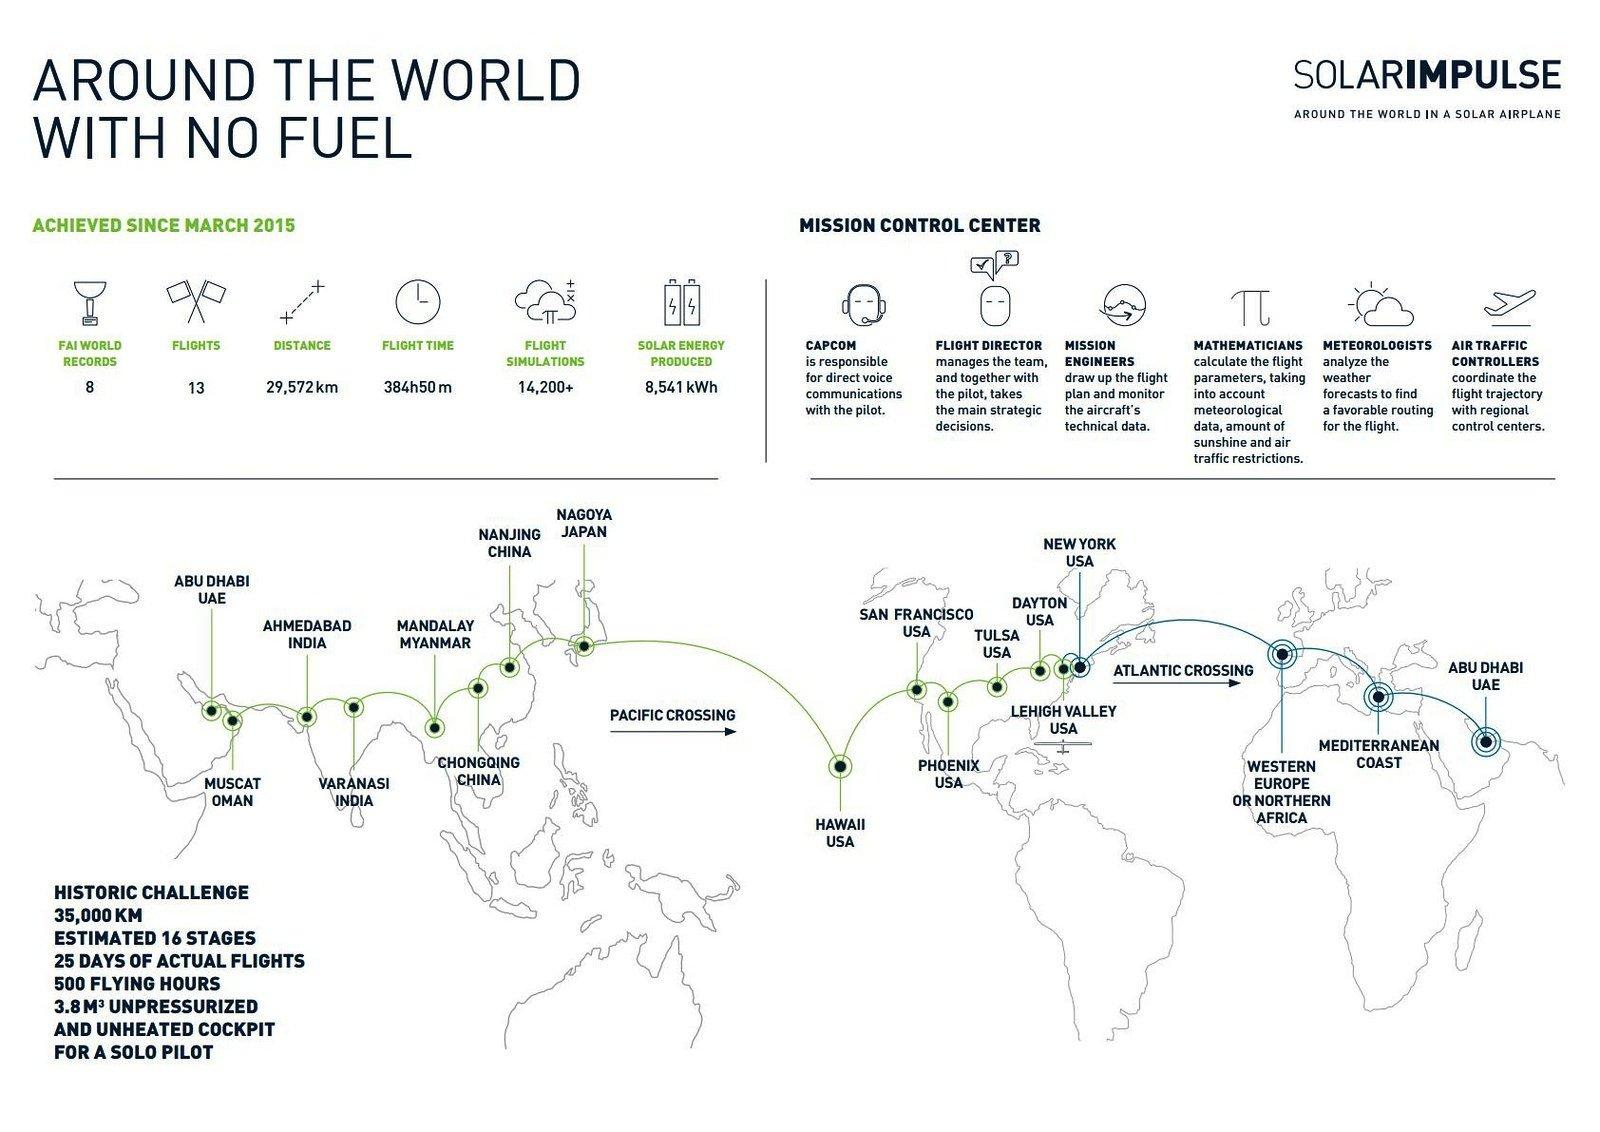 Ihre Weltumrundung mit dem Sonnensegler Solar Impulse 2 haben Bertrand Piccard und André Borschberg in 16 Etappen aufgeteilt. Jetzt haben sie nur noch zwei vor sich.